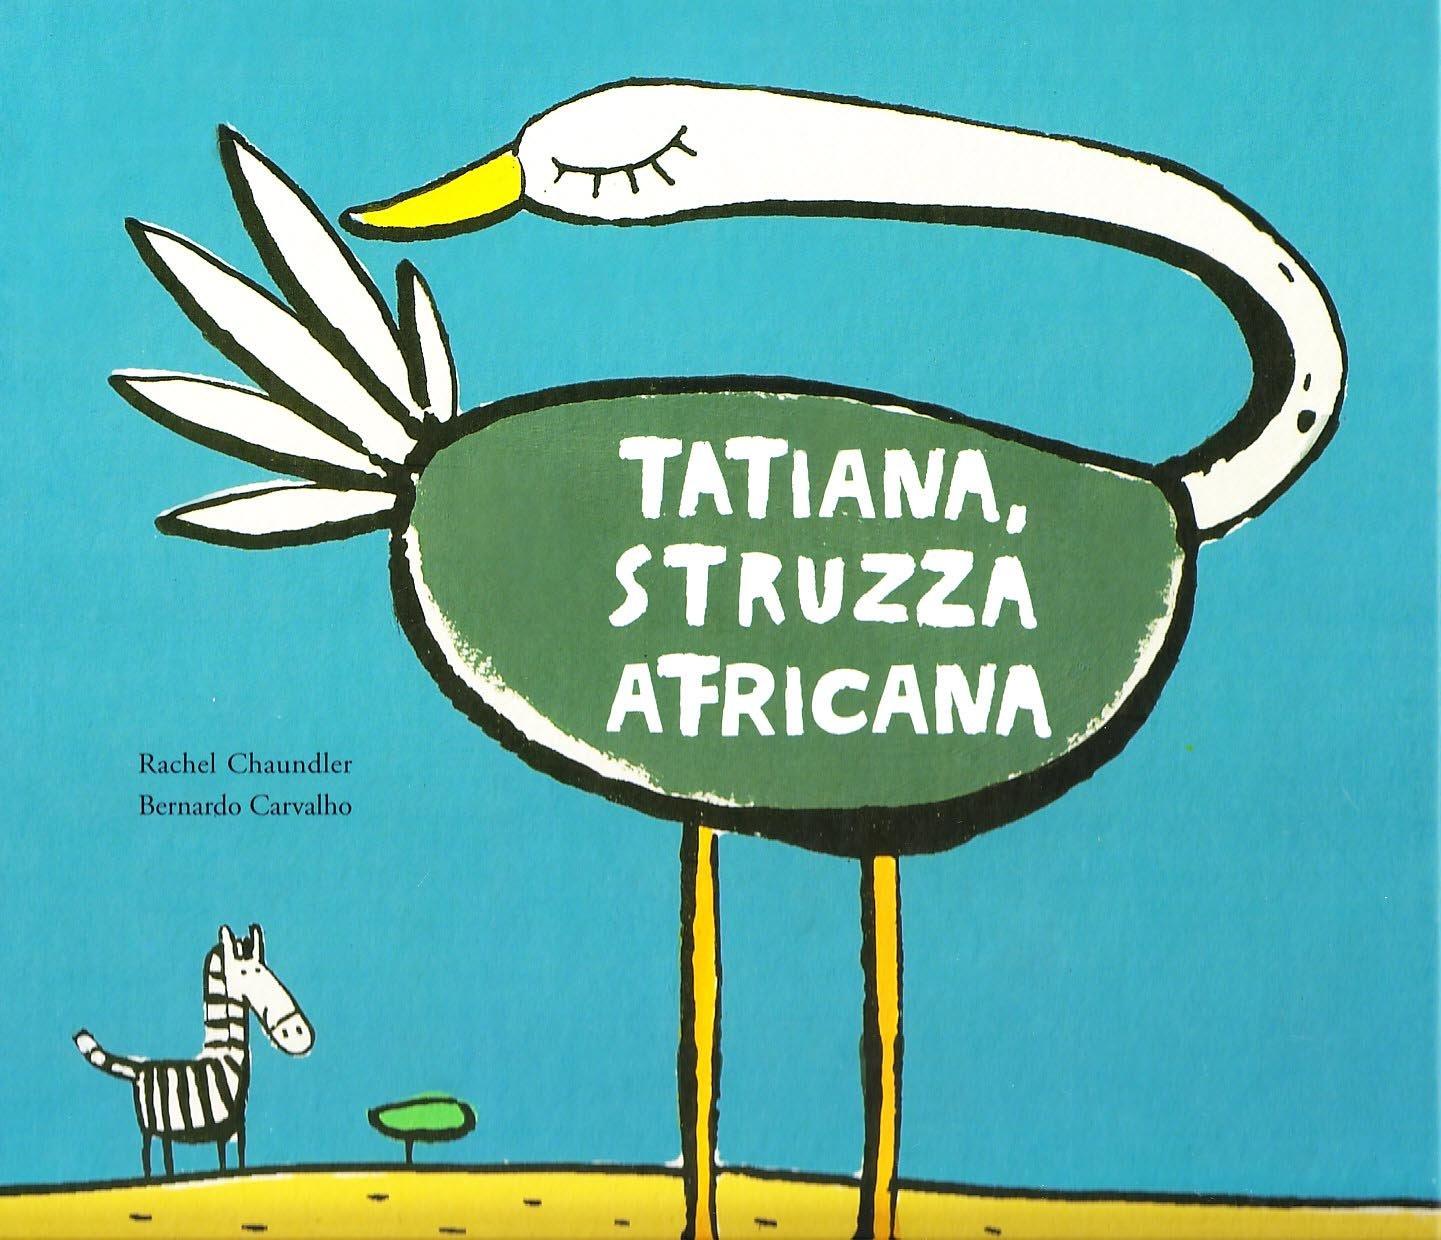 Tatiana struzza africana